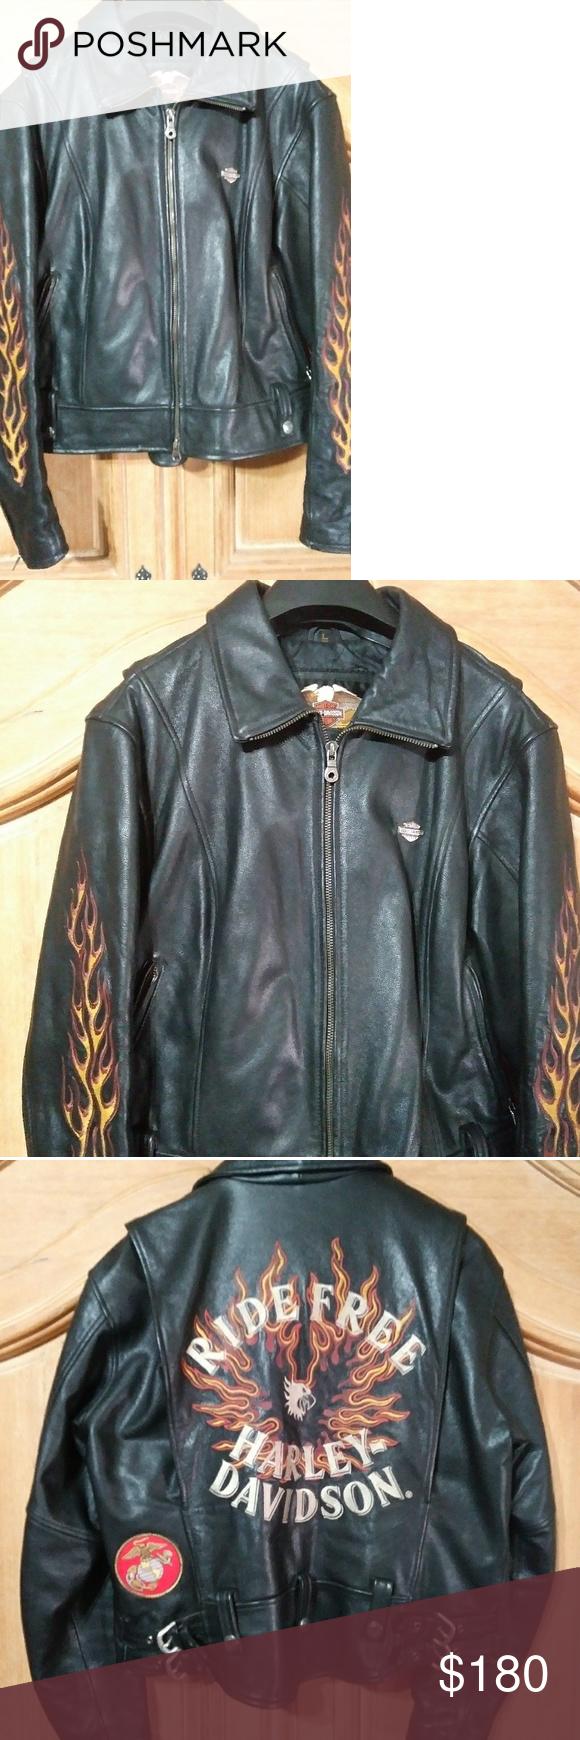 Harley Davidson Leather Jacket Moto Jacket Harley Davidson Leather Jackets Leather Jacket Leather Coat Jacket [ 1740 x 580 Pixel ]